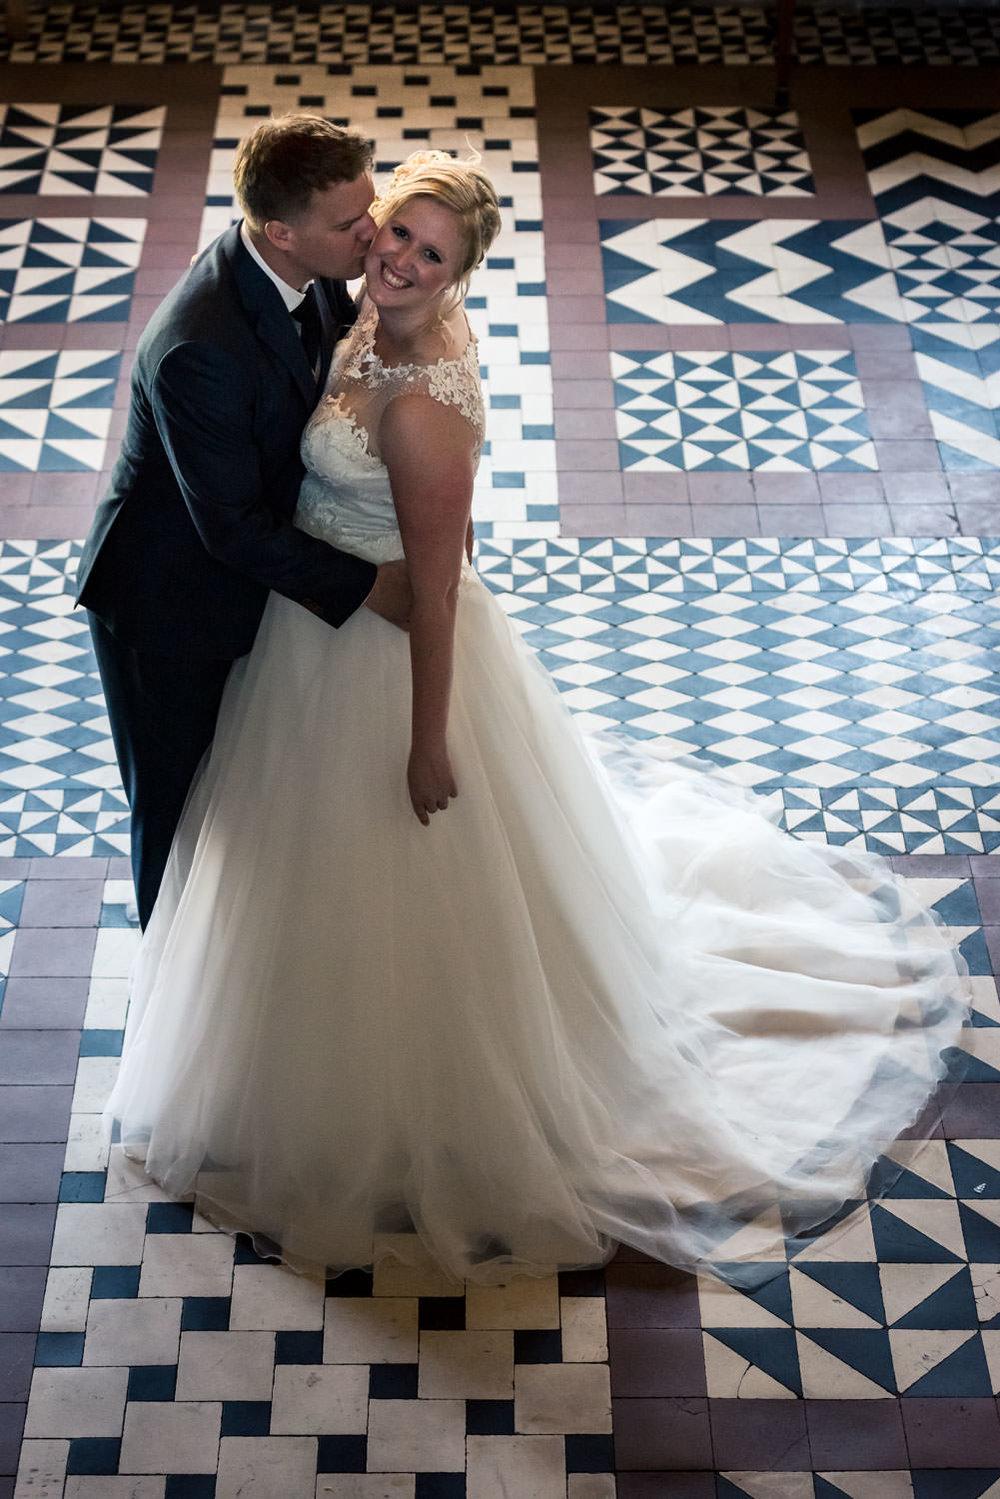 Caroline van Cfoto legt het bruidspaar vast met mooie bruidsfoto